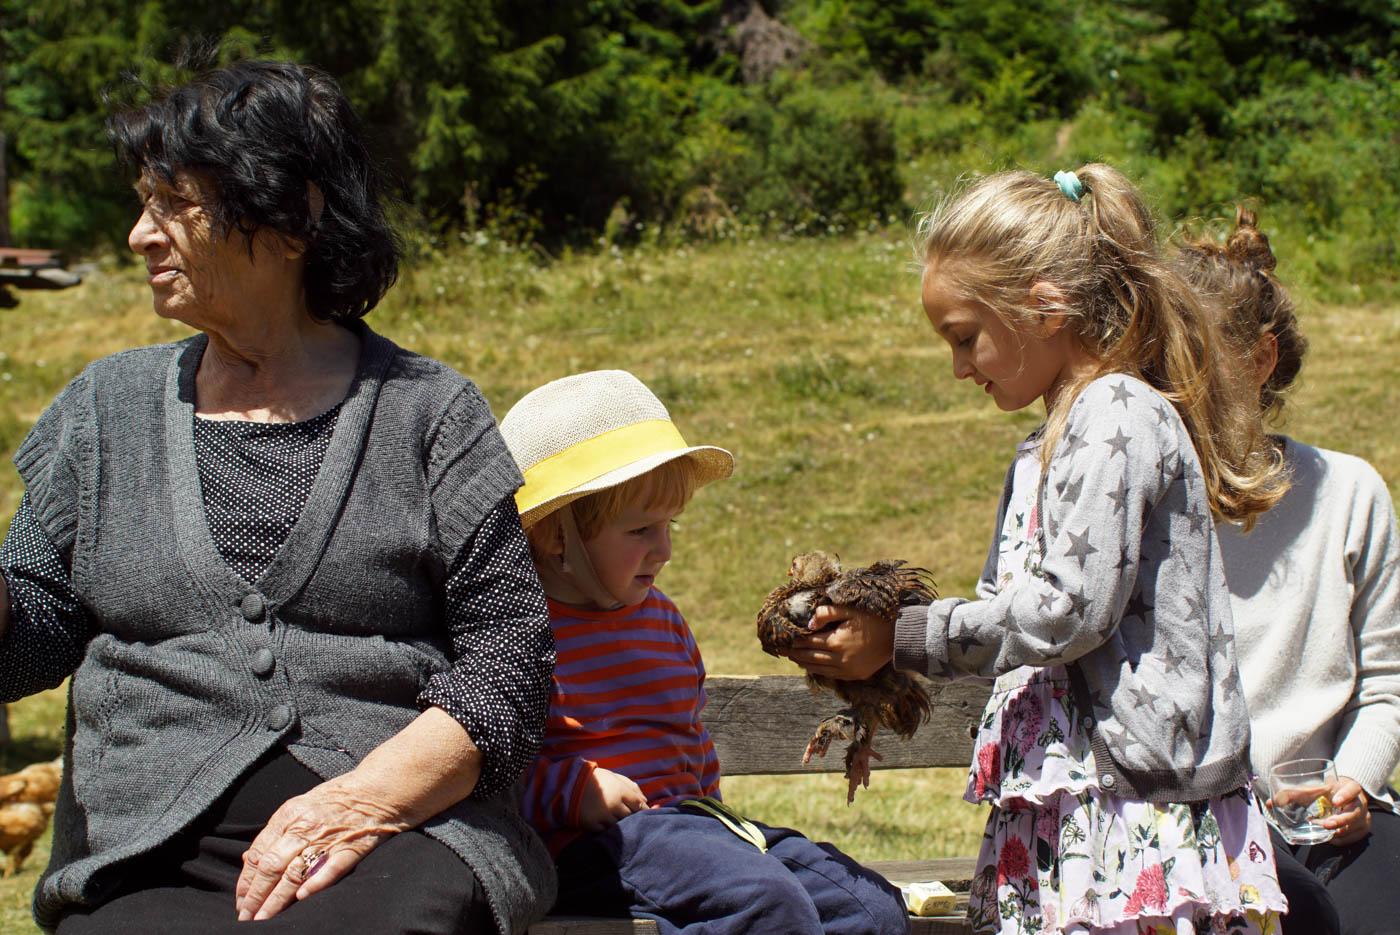 Luke sitzt auf einer Bank neben einer alten Frau mit zerfurcht im Gesicht ein Mädchen reicht ihm ein Küken